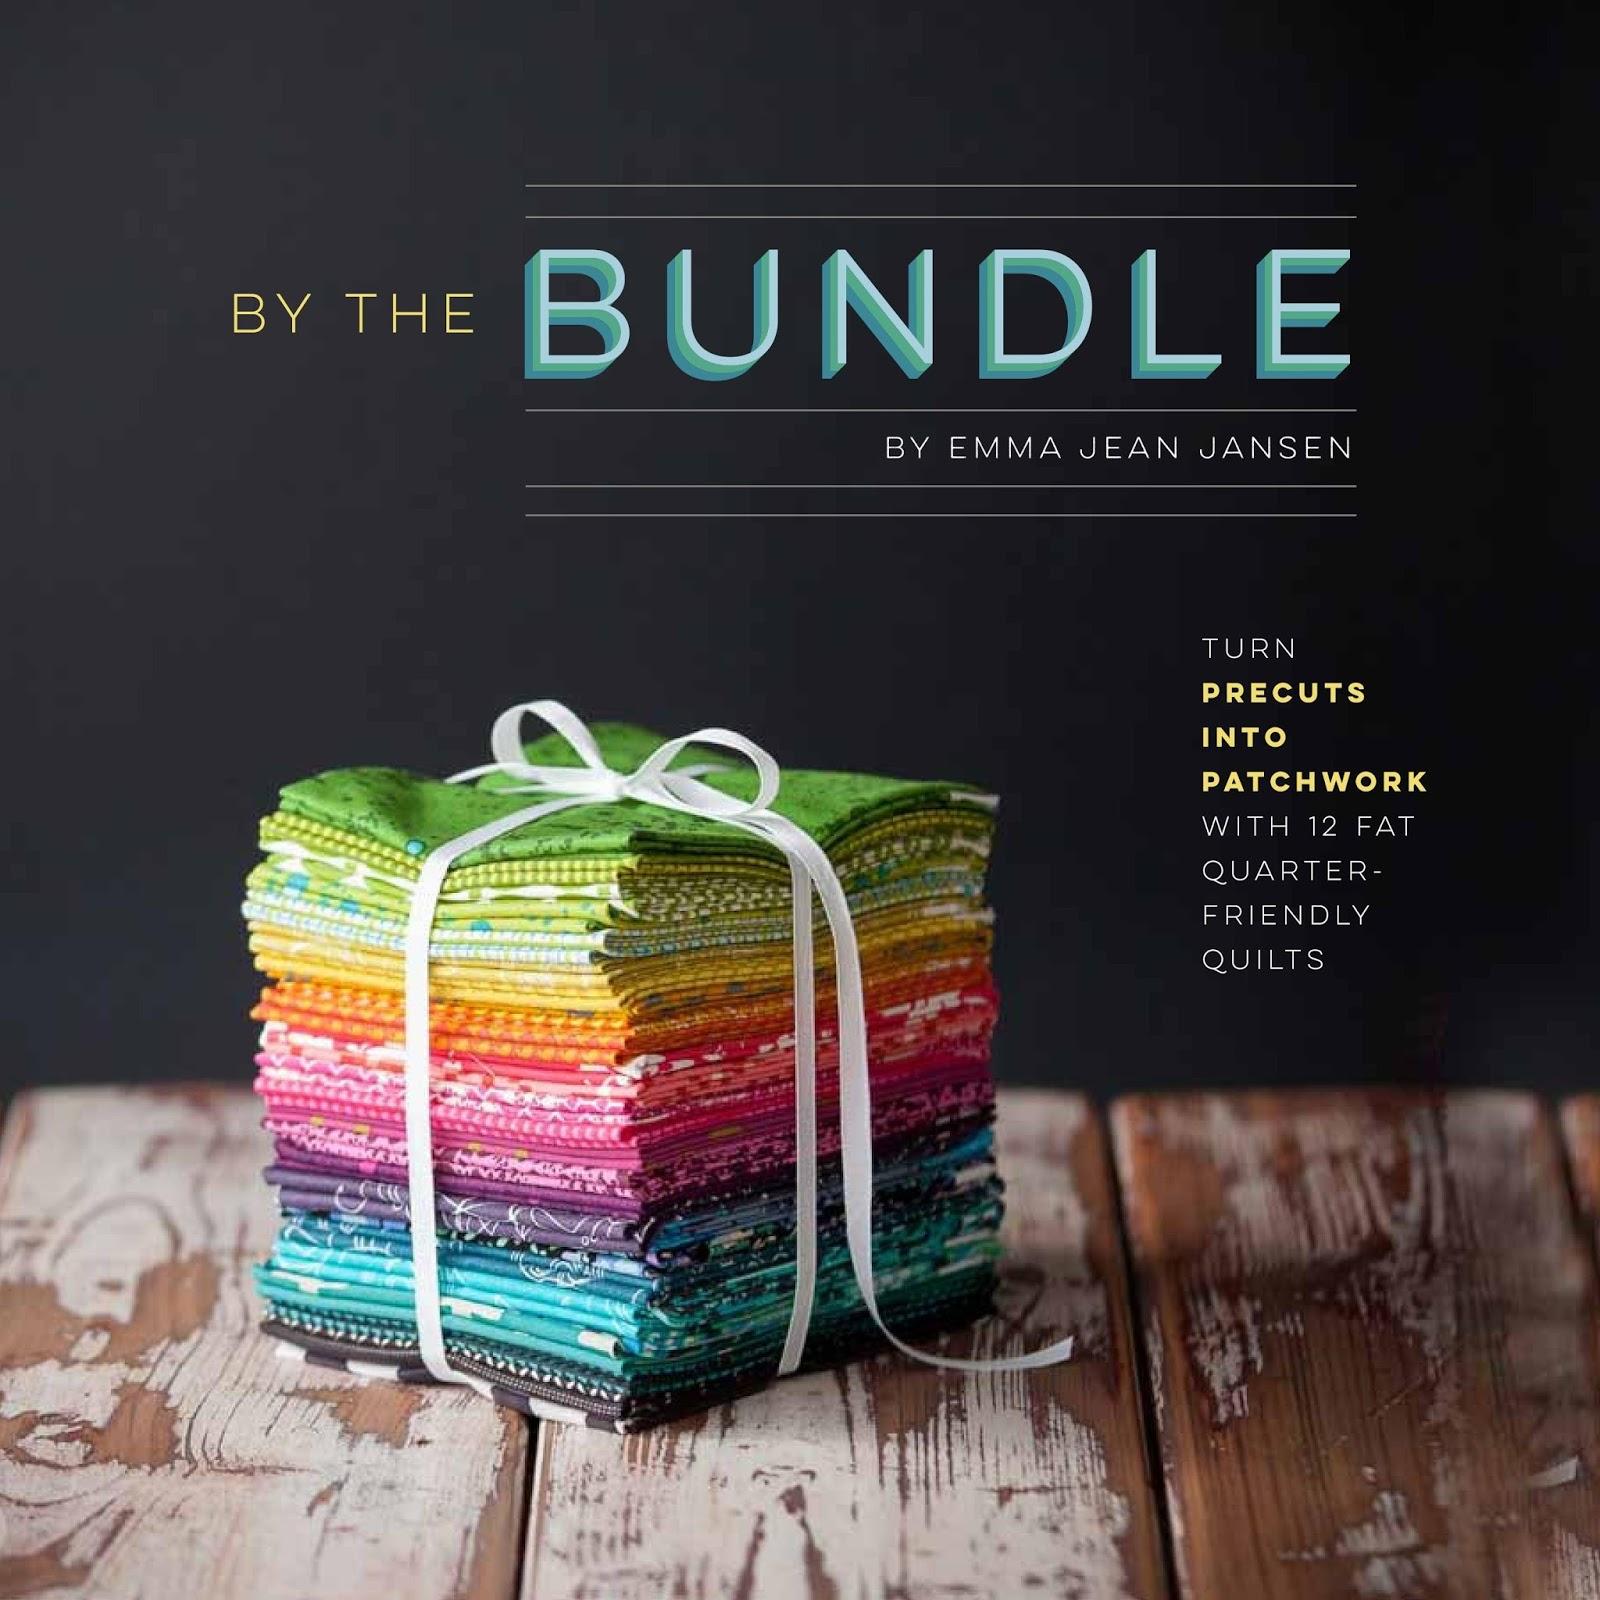 By the Bundle by Emma Jean Jansen